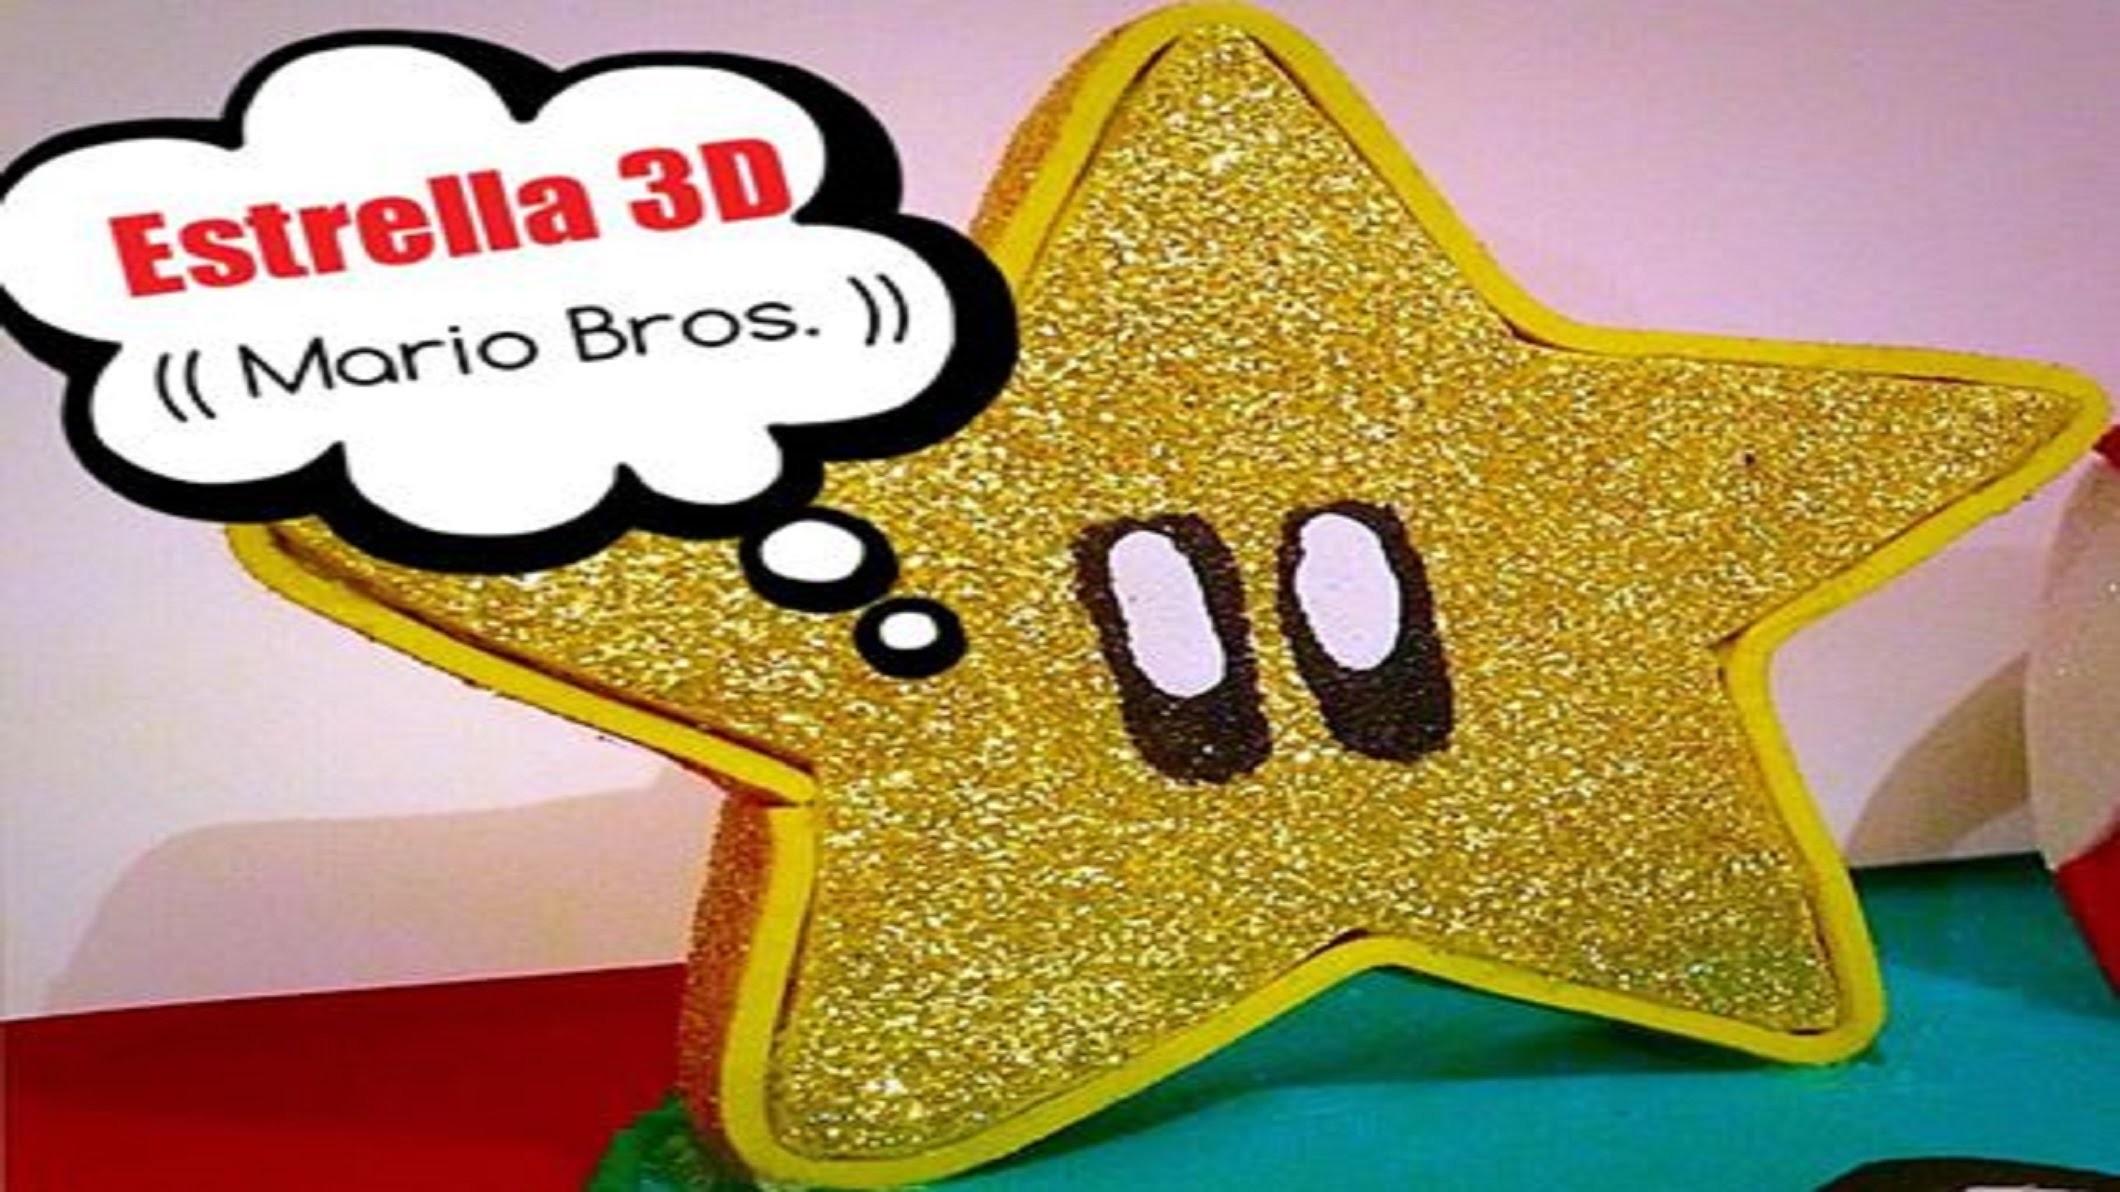 Estrella 3D (( Mario Bros. ))